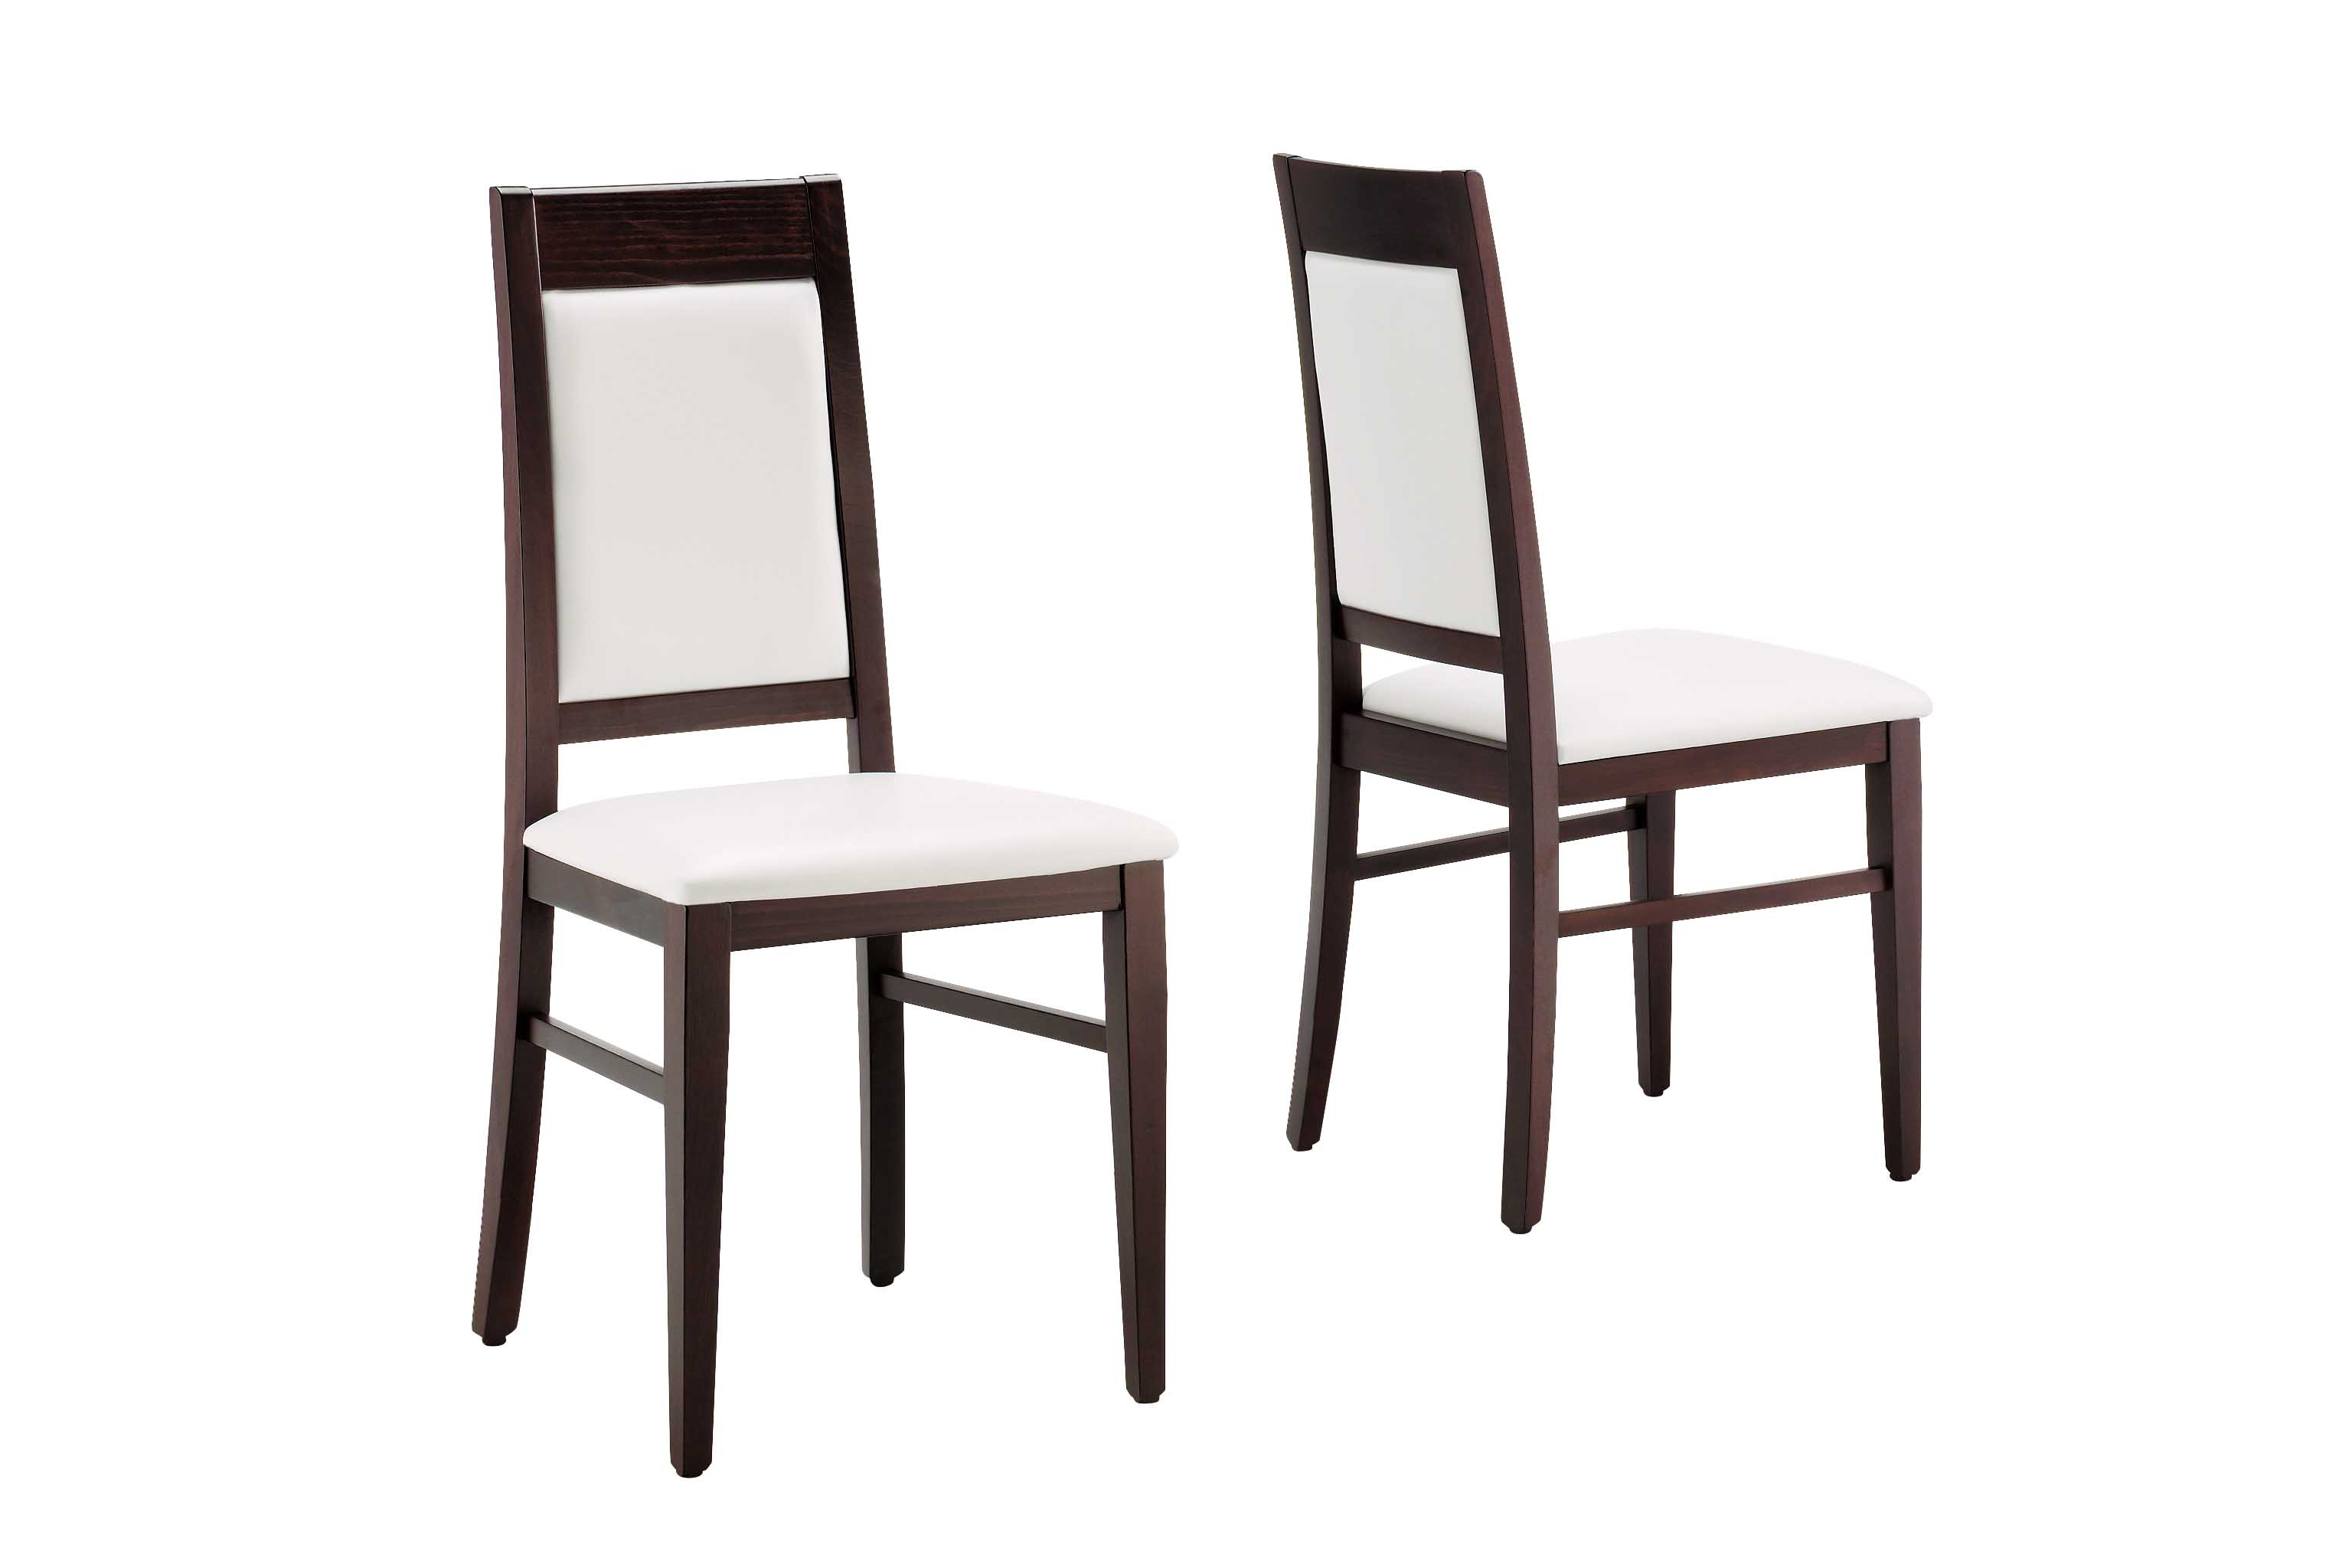 Sillas de comedor contempor neo 4 0 1000 0 piezas mensual for Buscar sillas